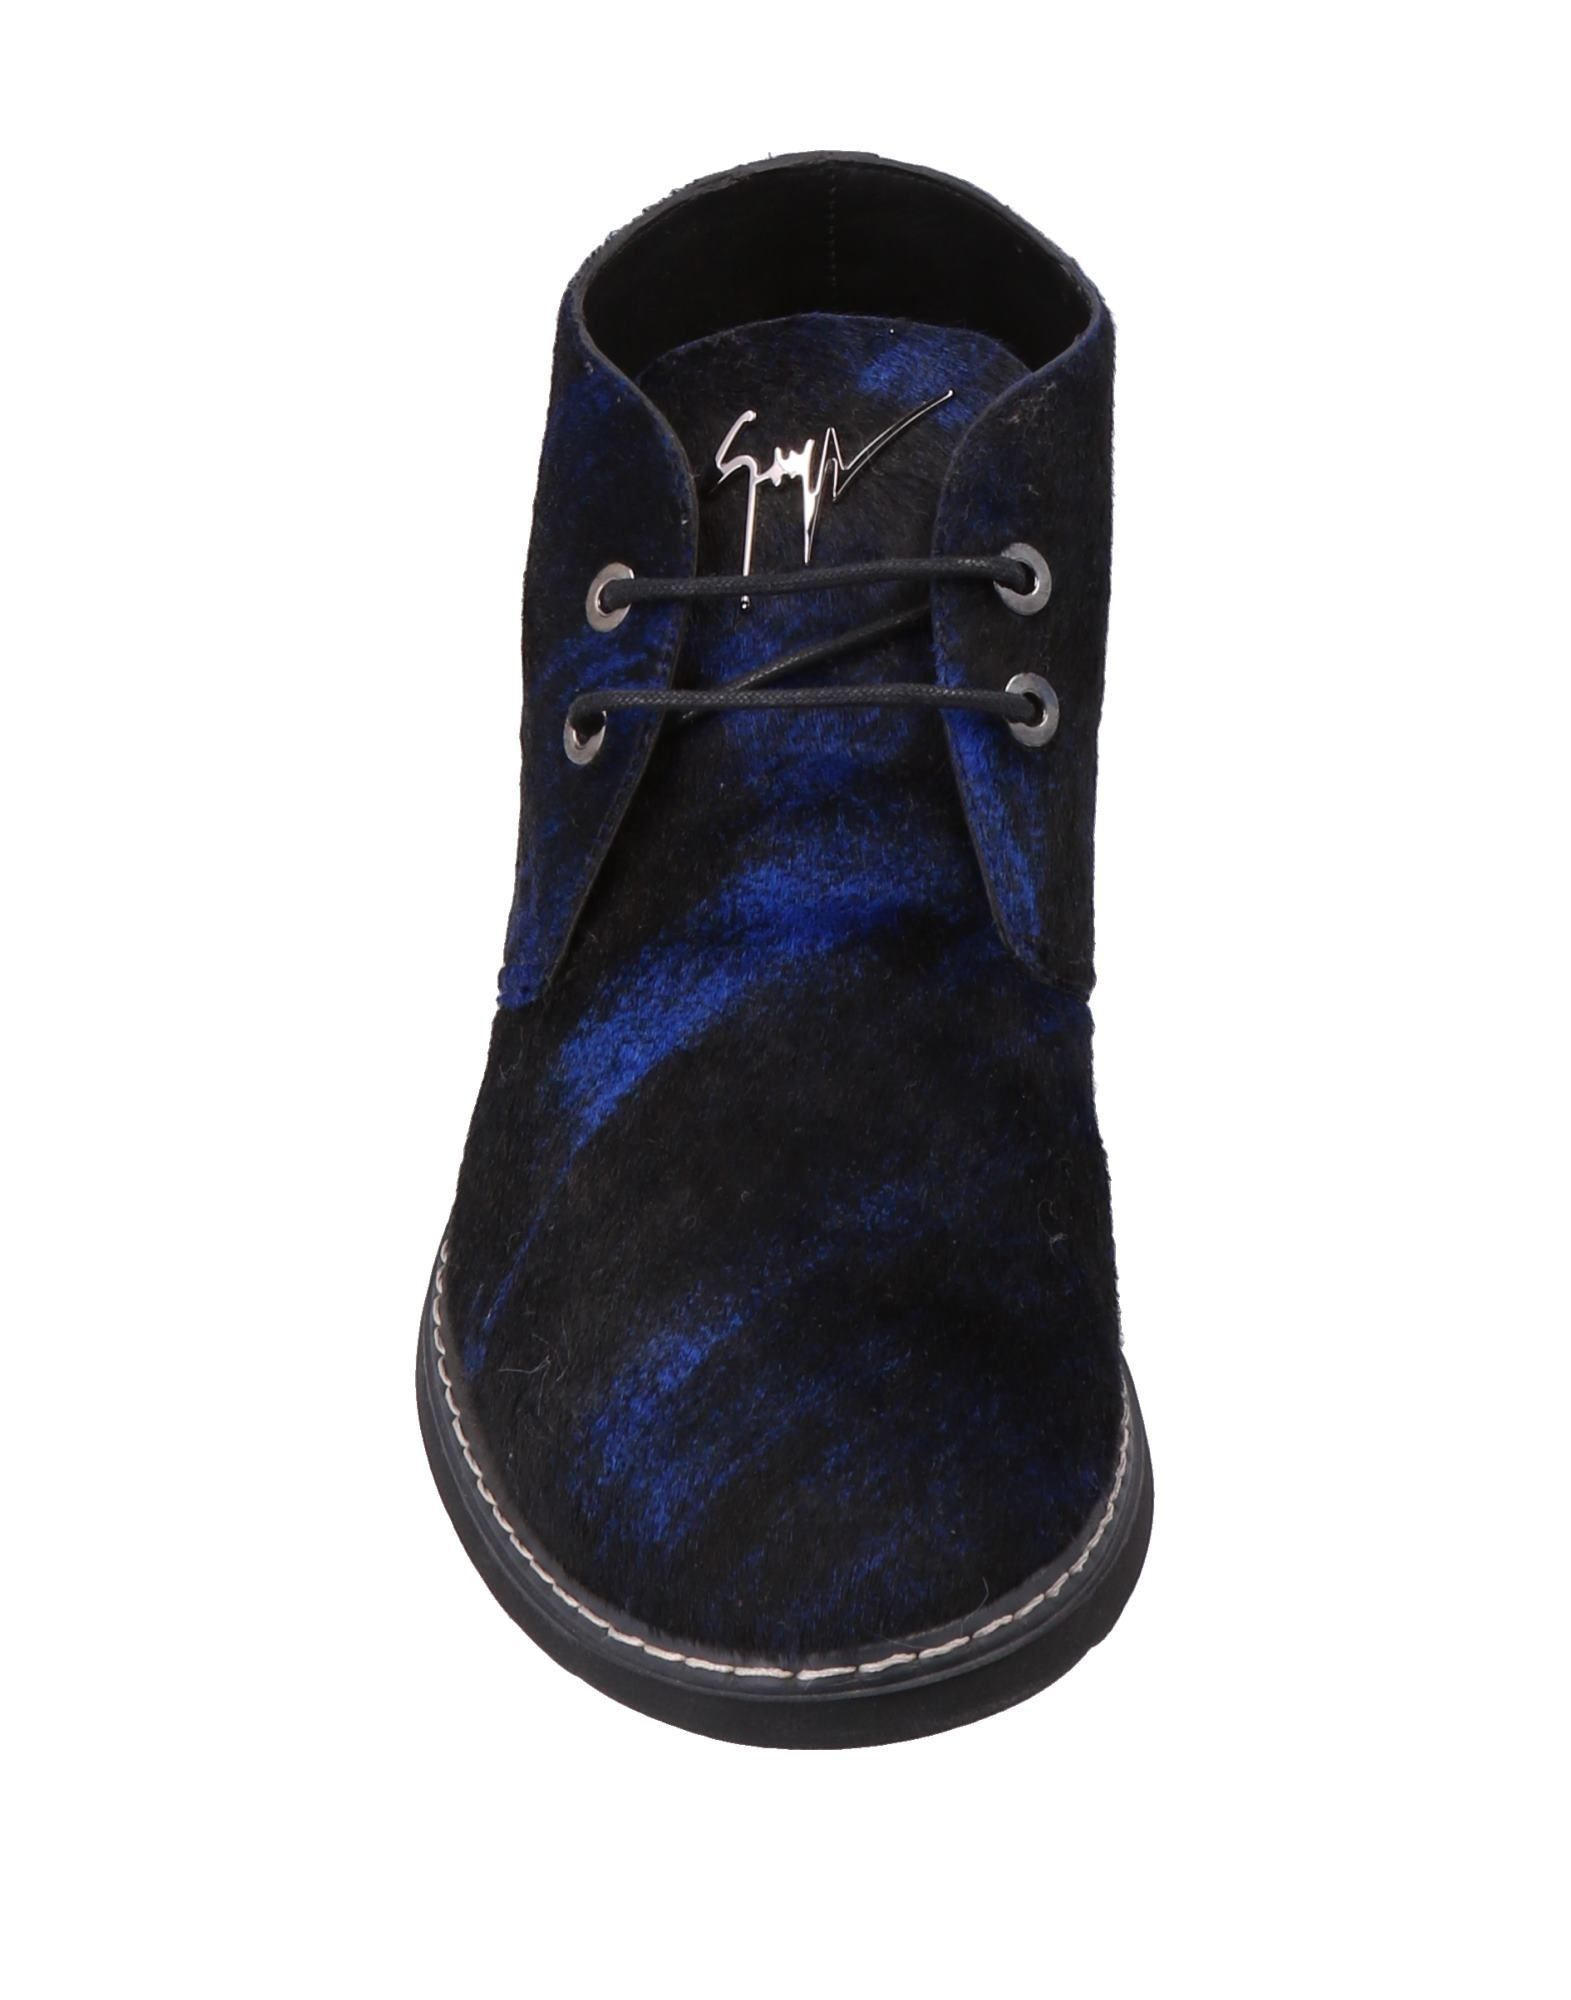 Giuseppe Zanotti Stiefelette Herren  11555242XP Gute Qualität beliebte Schuhe Schuhe beliebte 1e8c4a